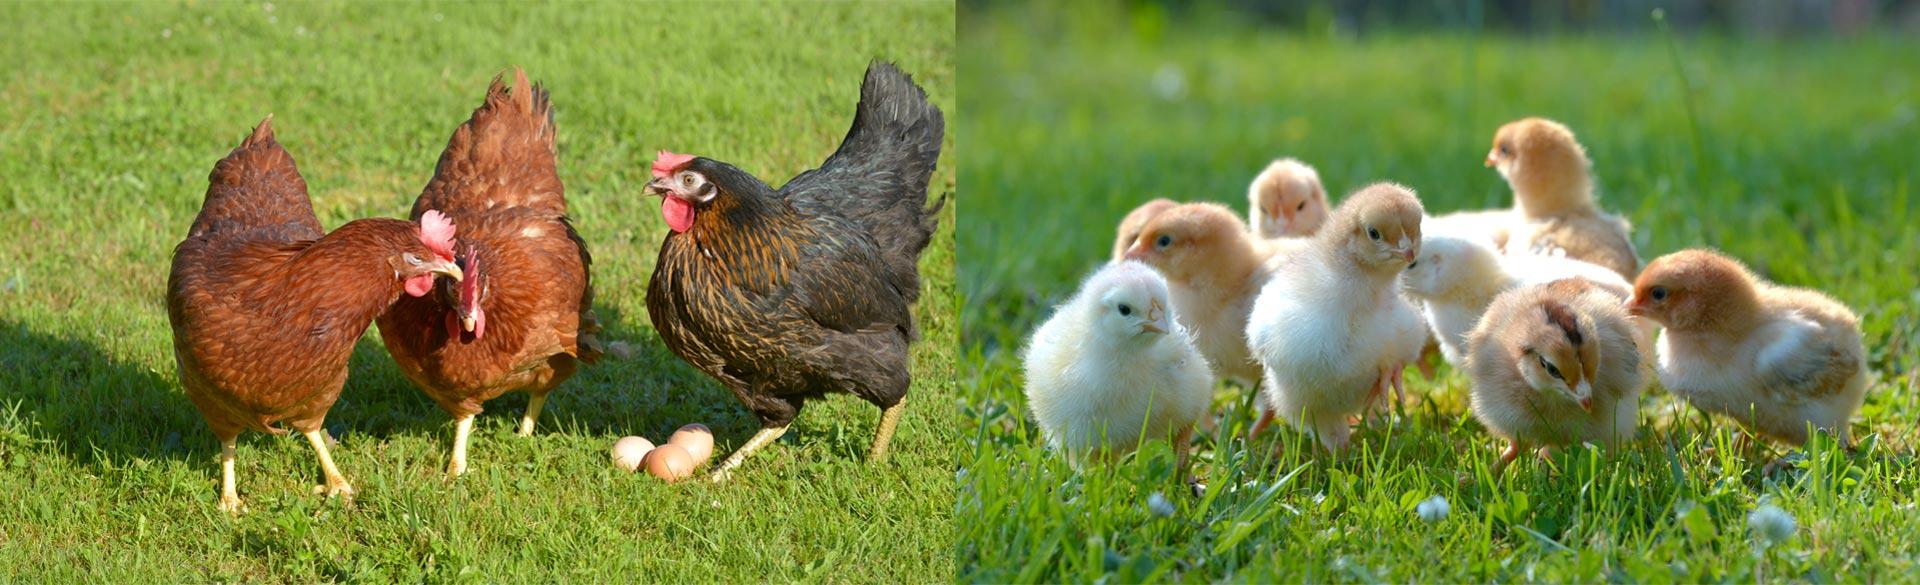 Poules et poussins en pleine nature